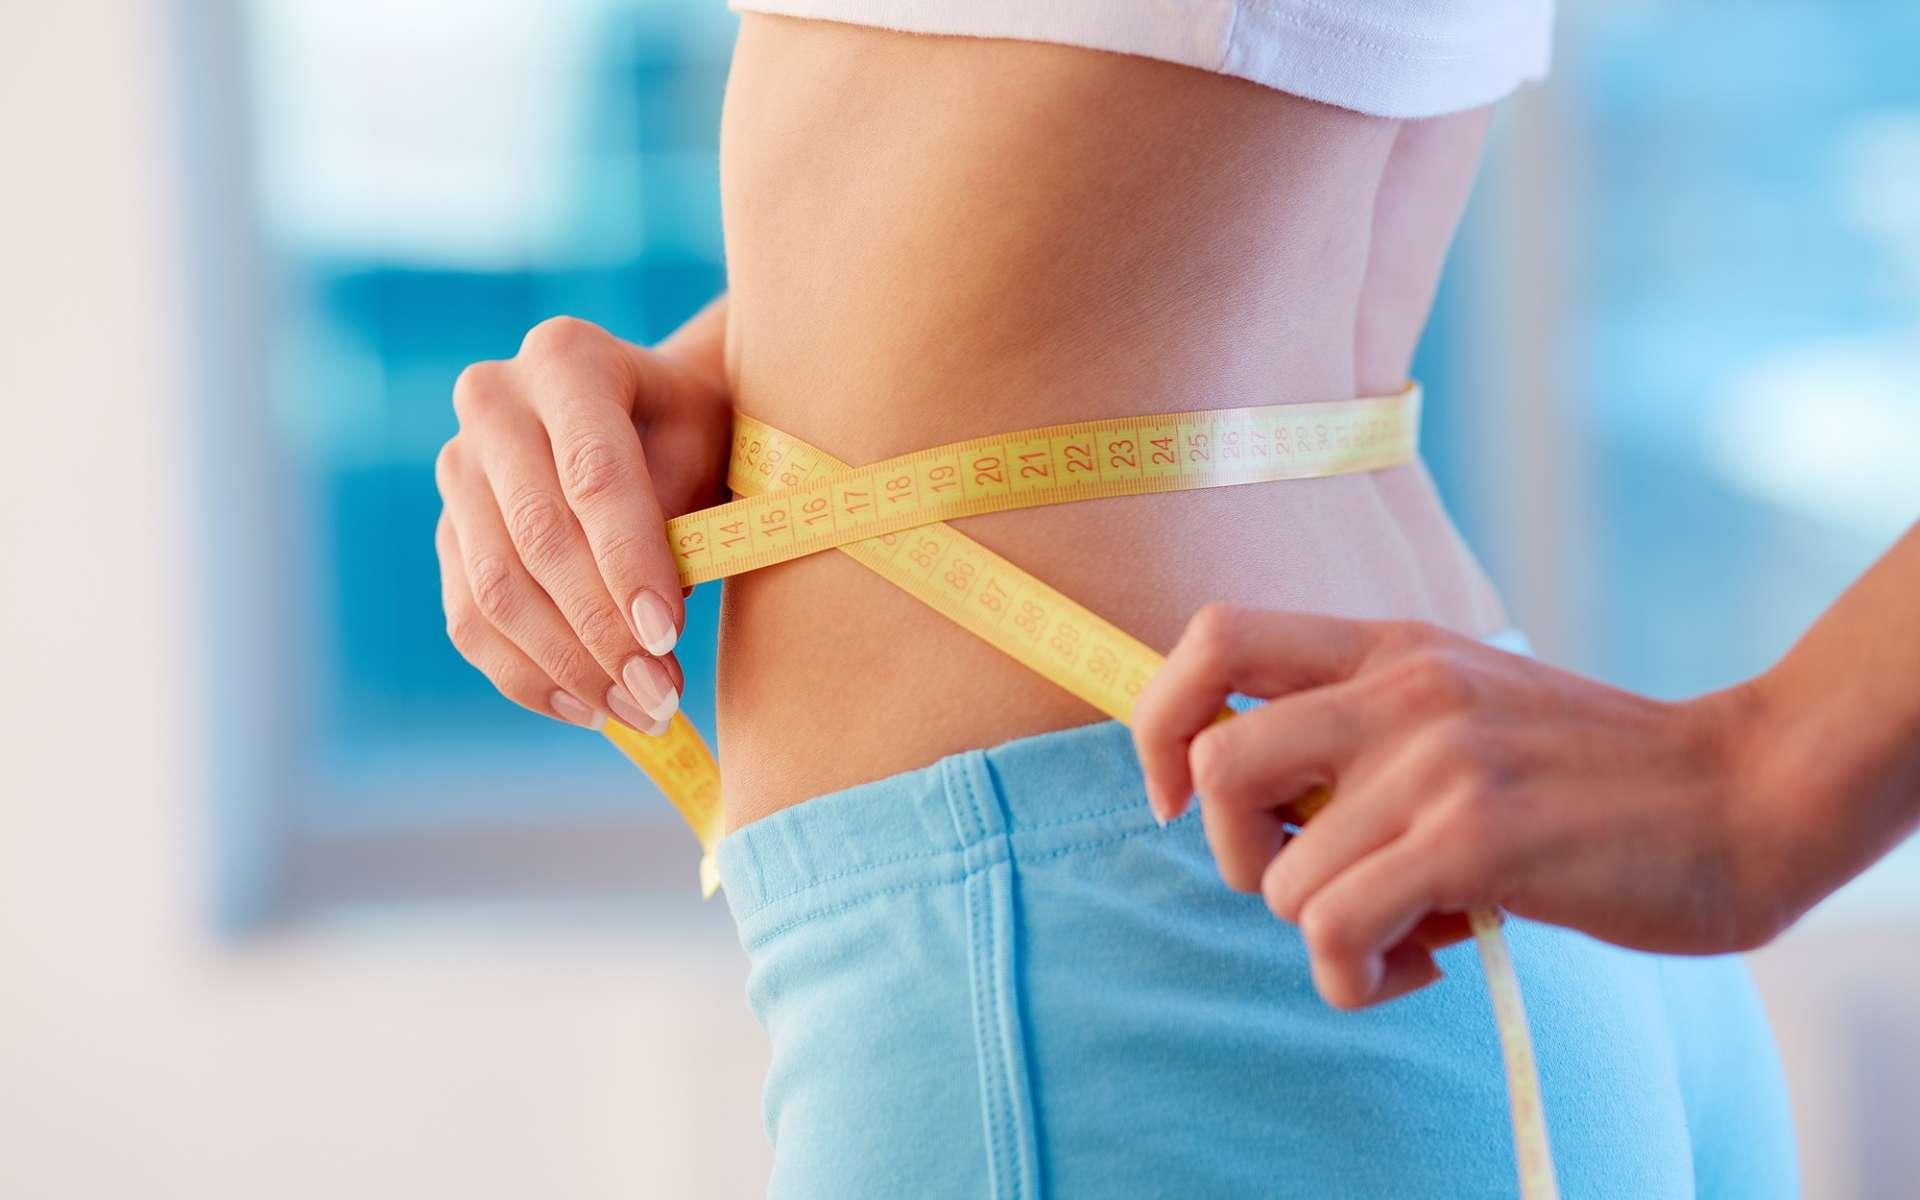 Dans le cadre d'un régime amincissant, la mesure du tour de taille peut être plus intéressante que celle du poids : elle permet de se rendre compte de la perte de graisses abdominales. © Pressmaster, Shutterstock